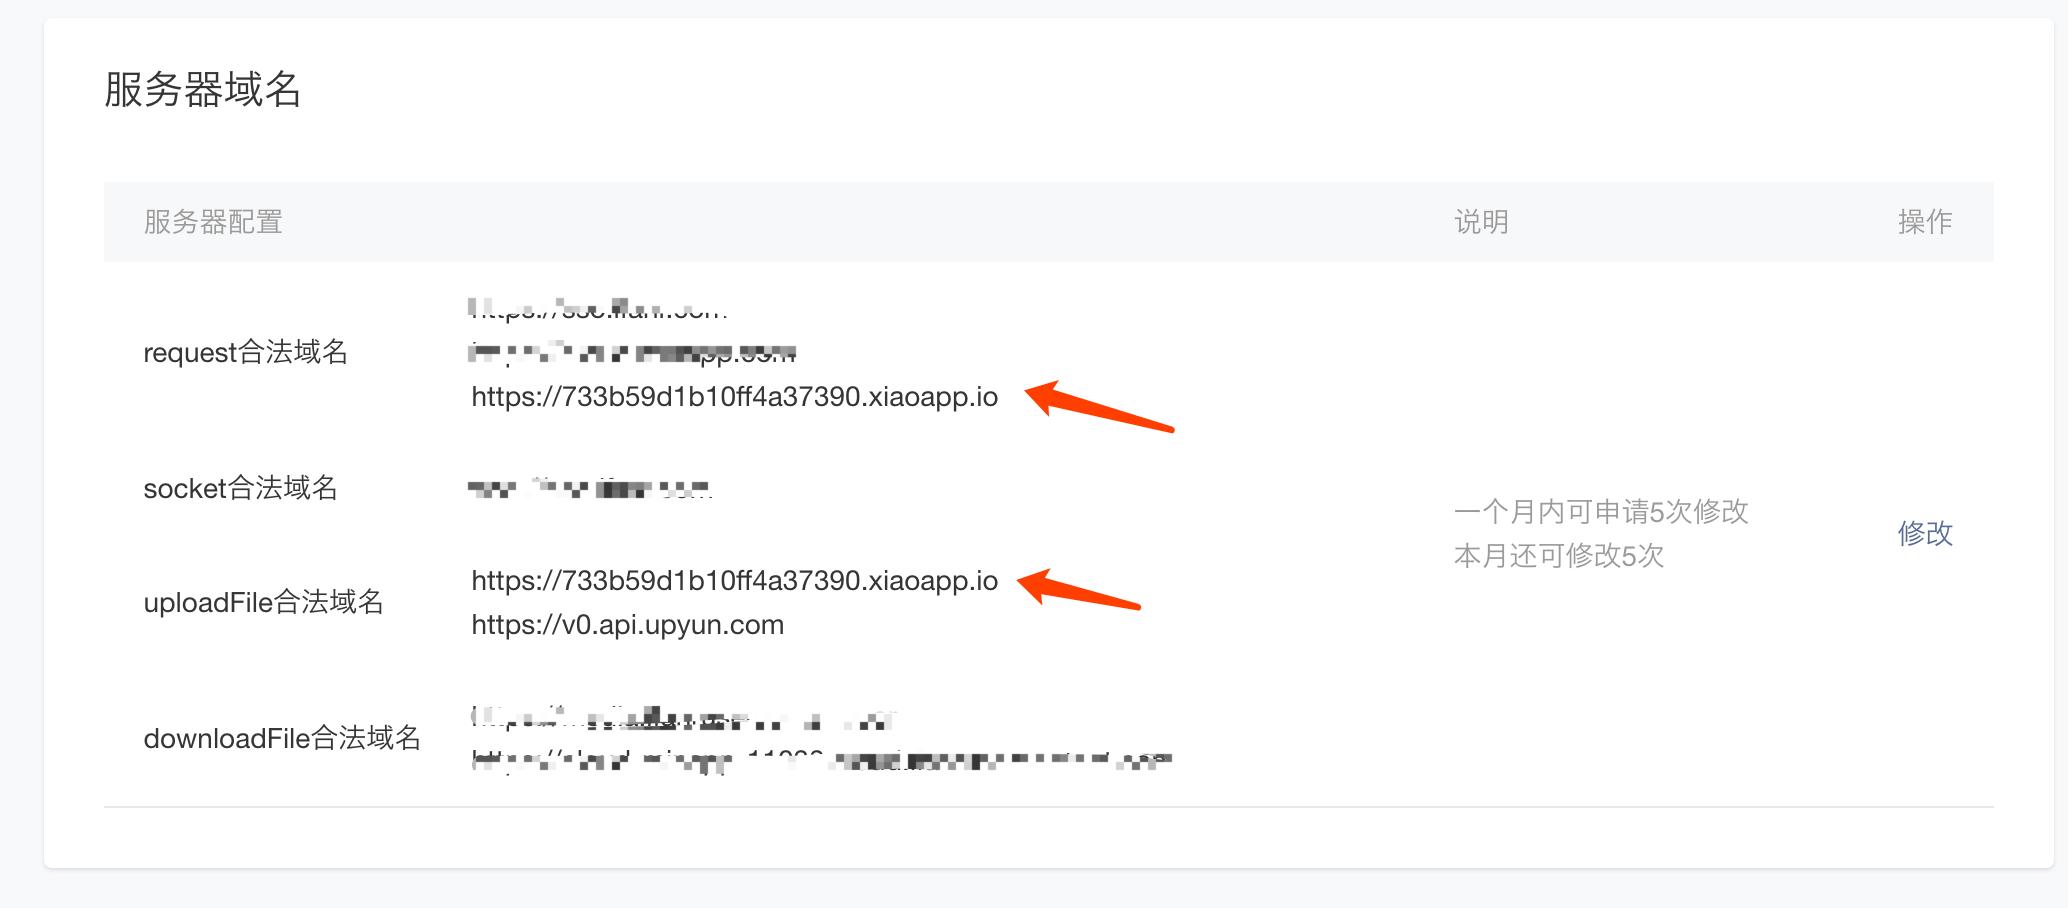 配置 uploadFile 域名